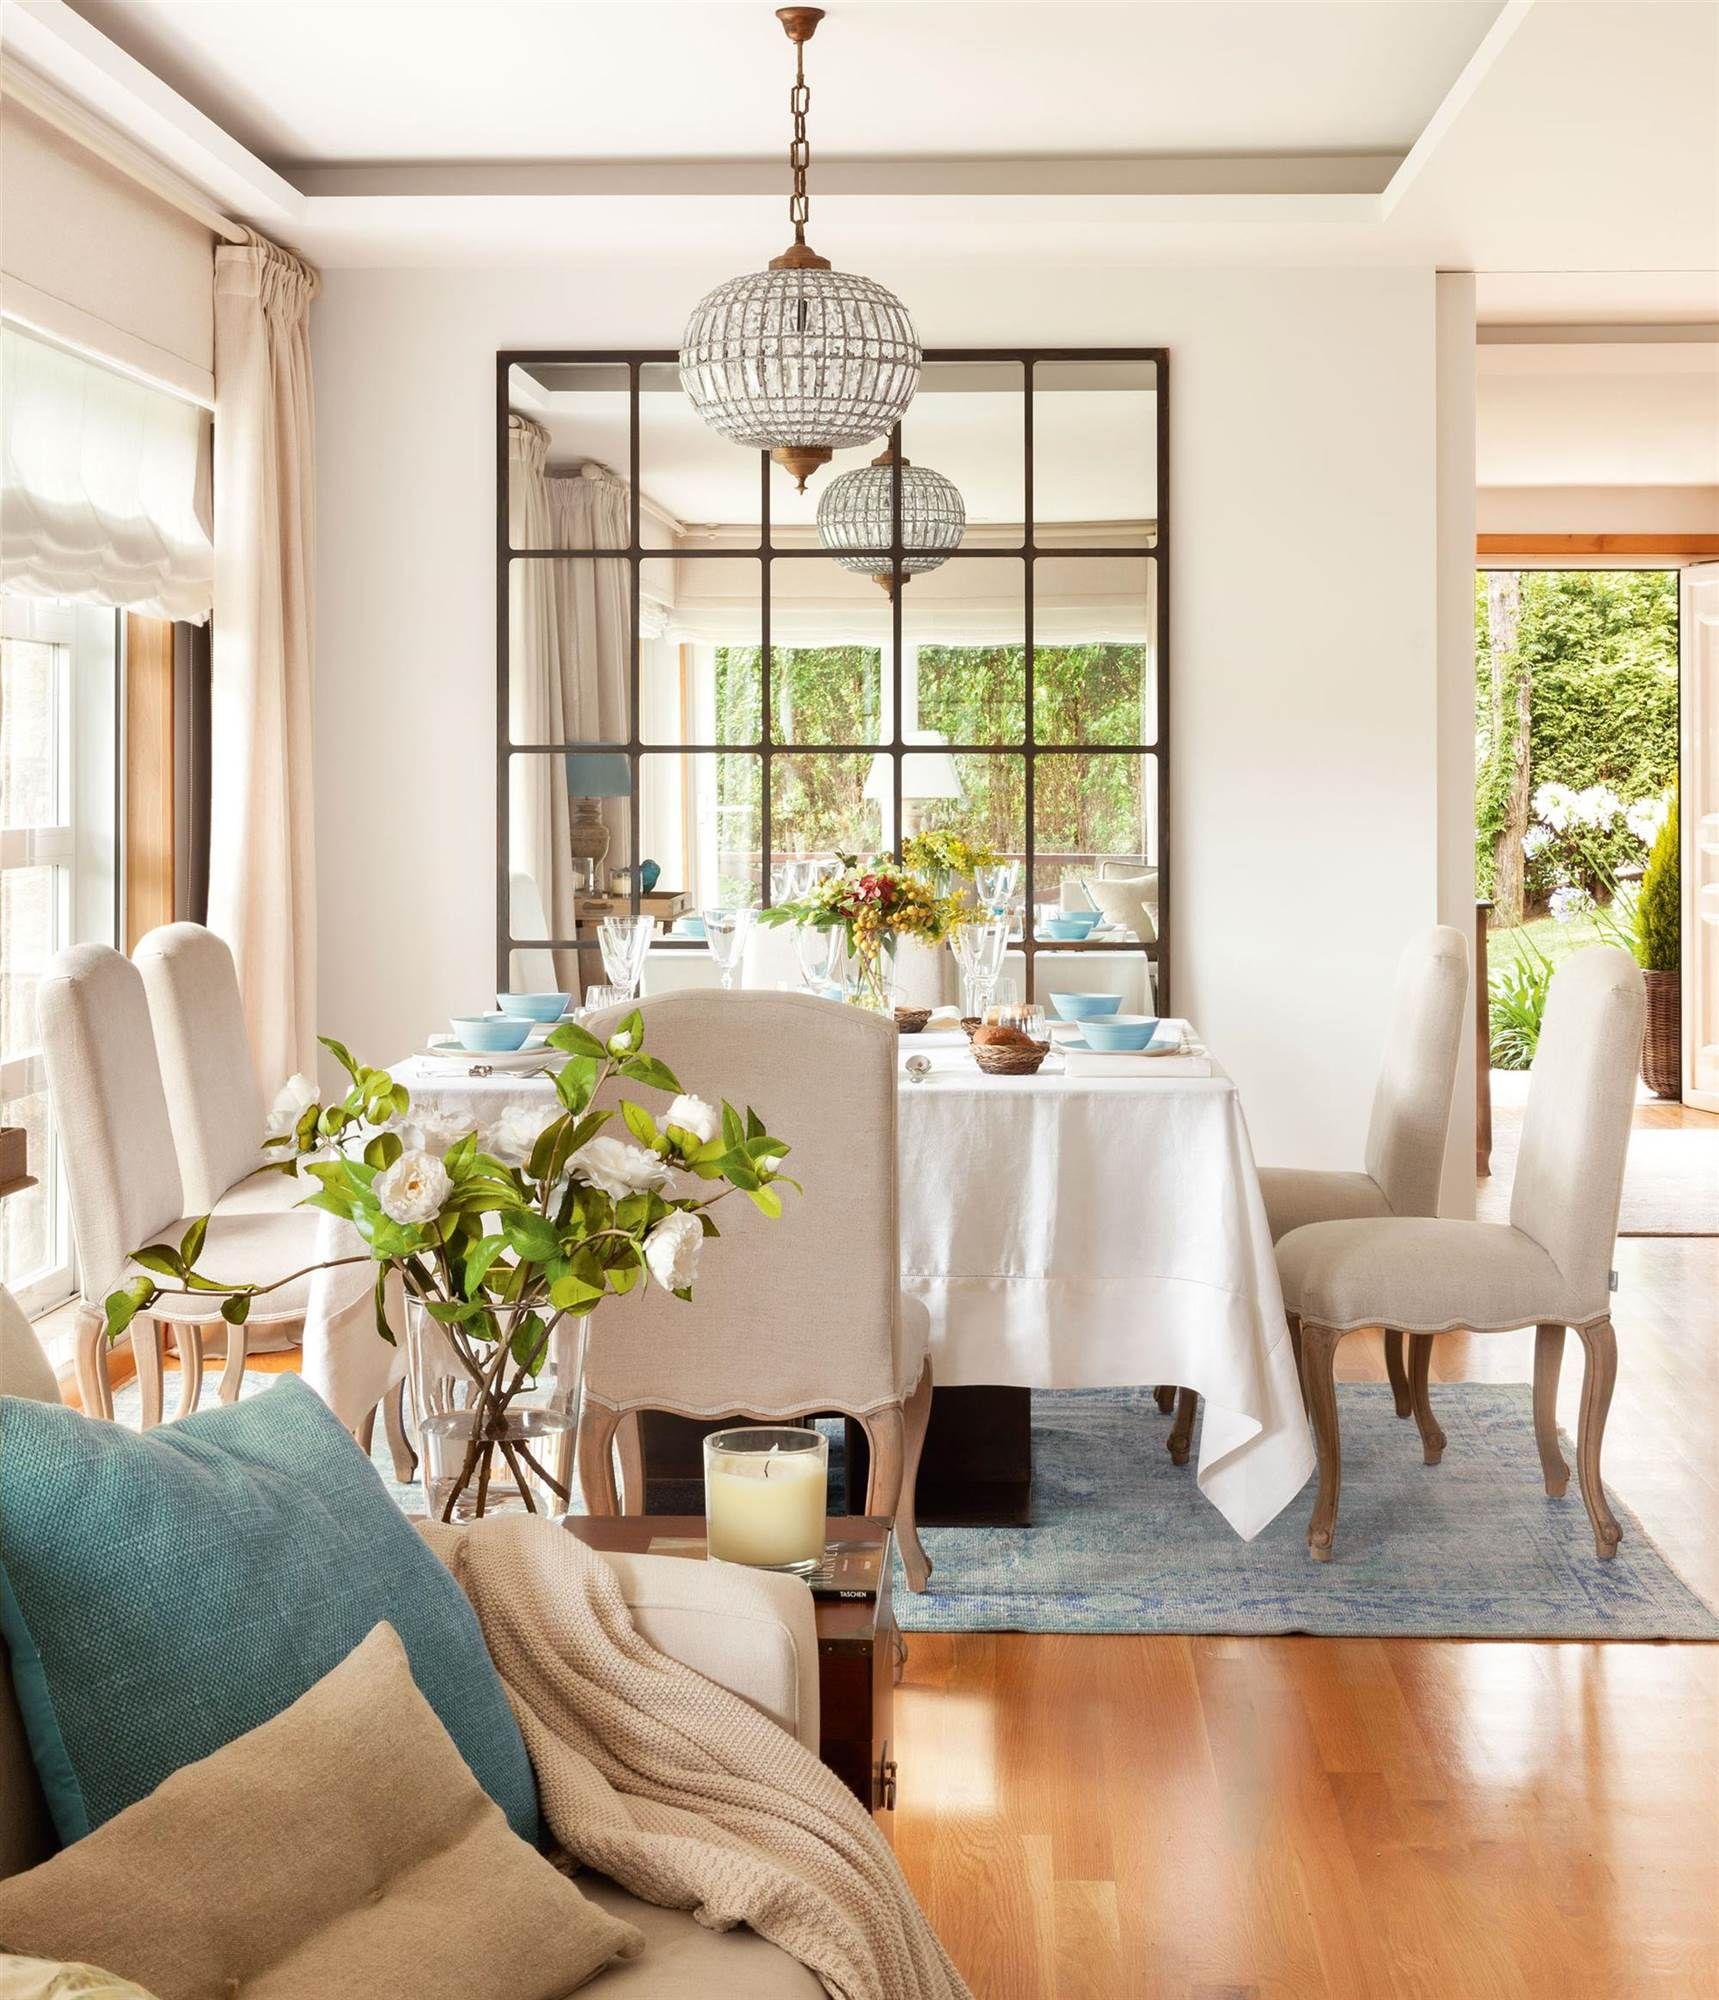 Espejos 10 razones para amarlos espejo comedores y ventana - Colores y ambientes ...